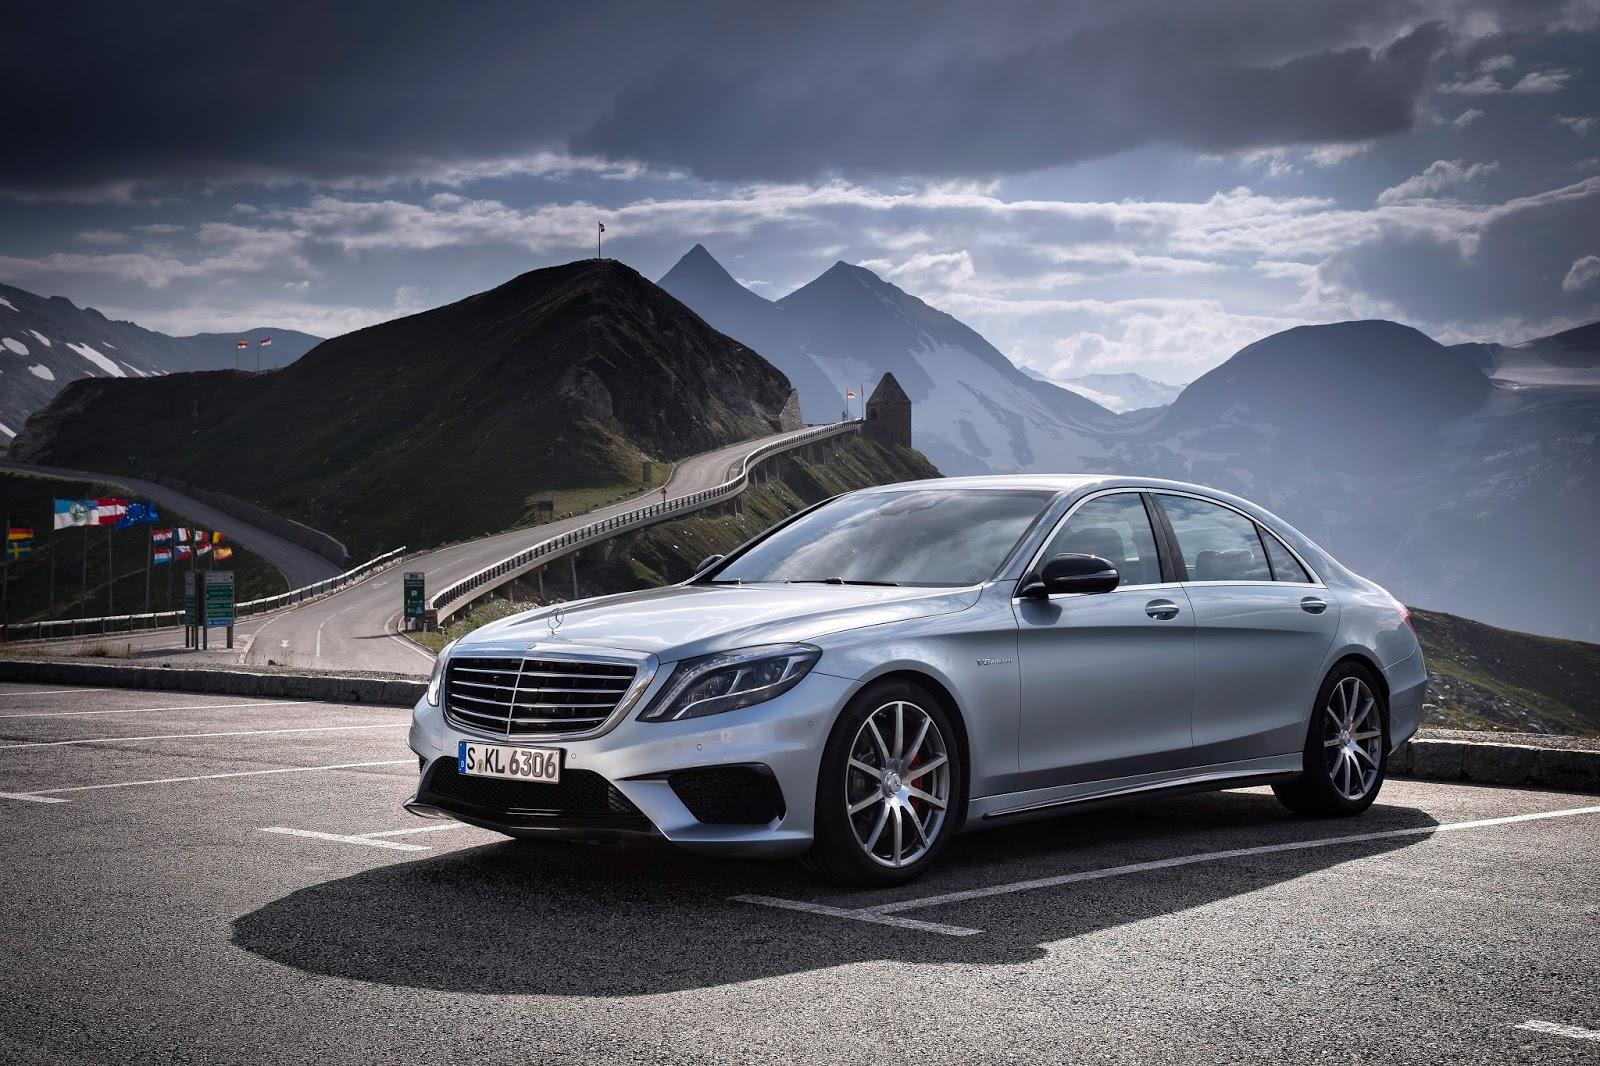 Mercedes-AMG schickt den neuen S 63 AMG ins Rennen: Die stärkste  High-Performance-Limousine im Luxus-Segment setzt neue Akzente